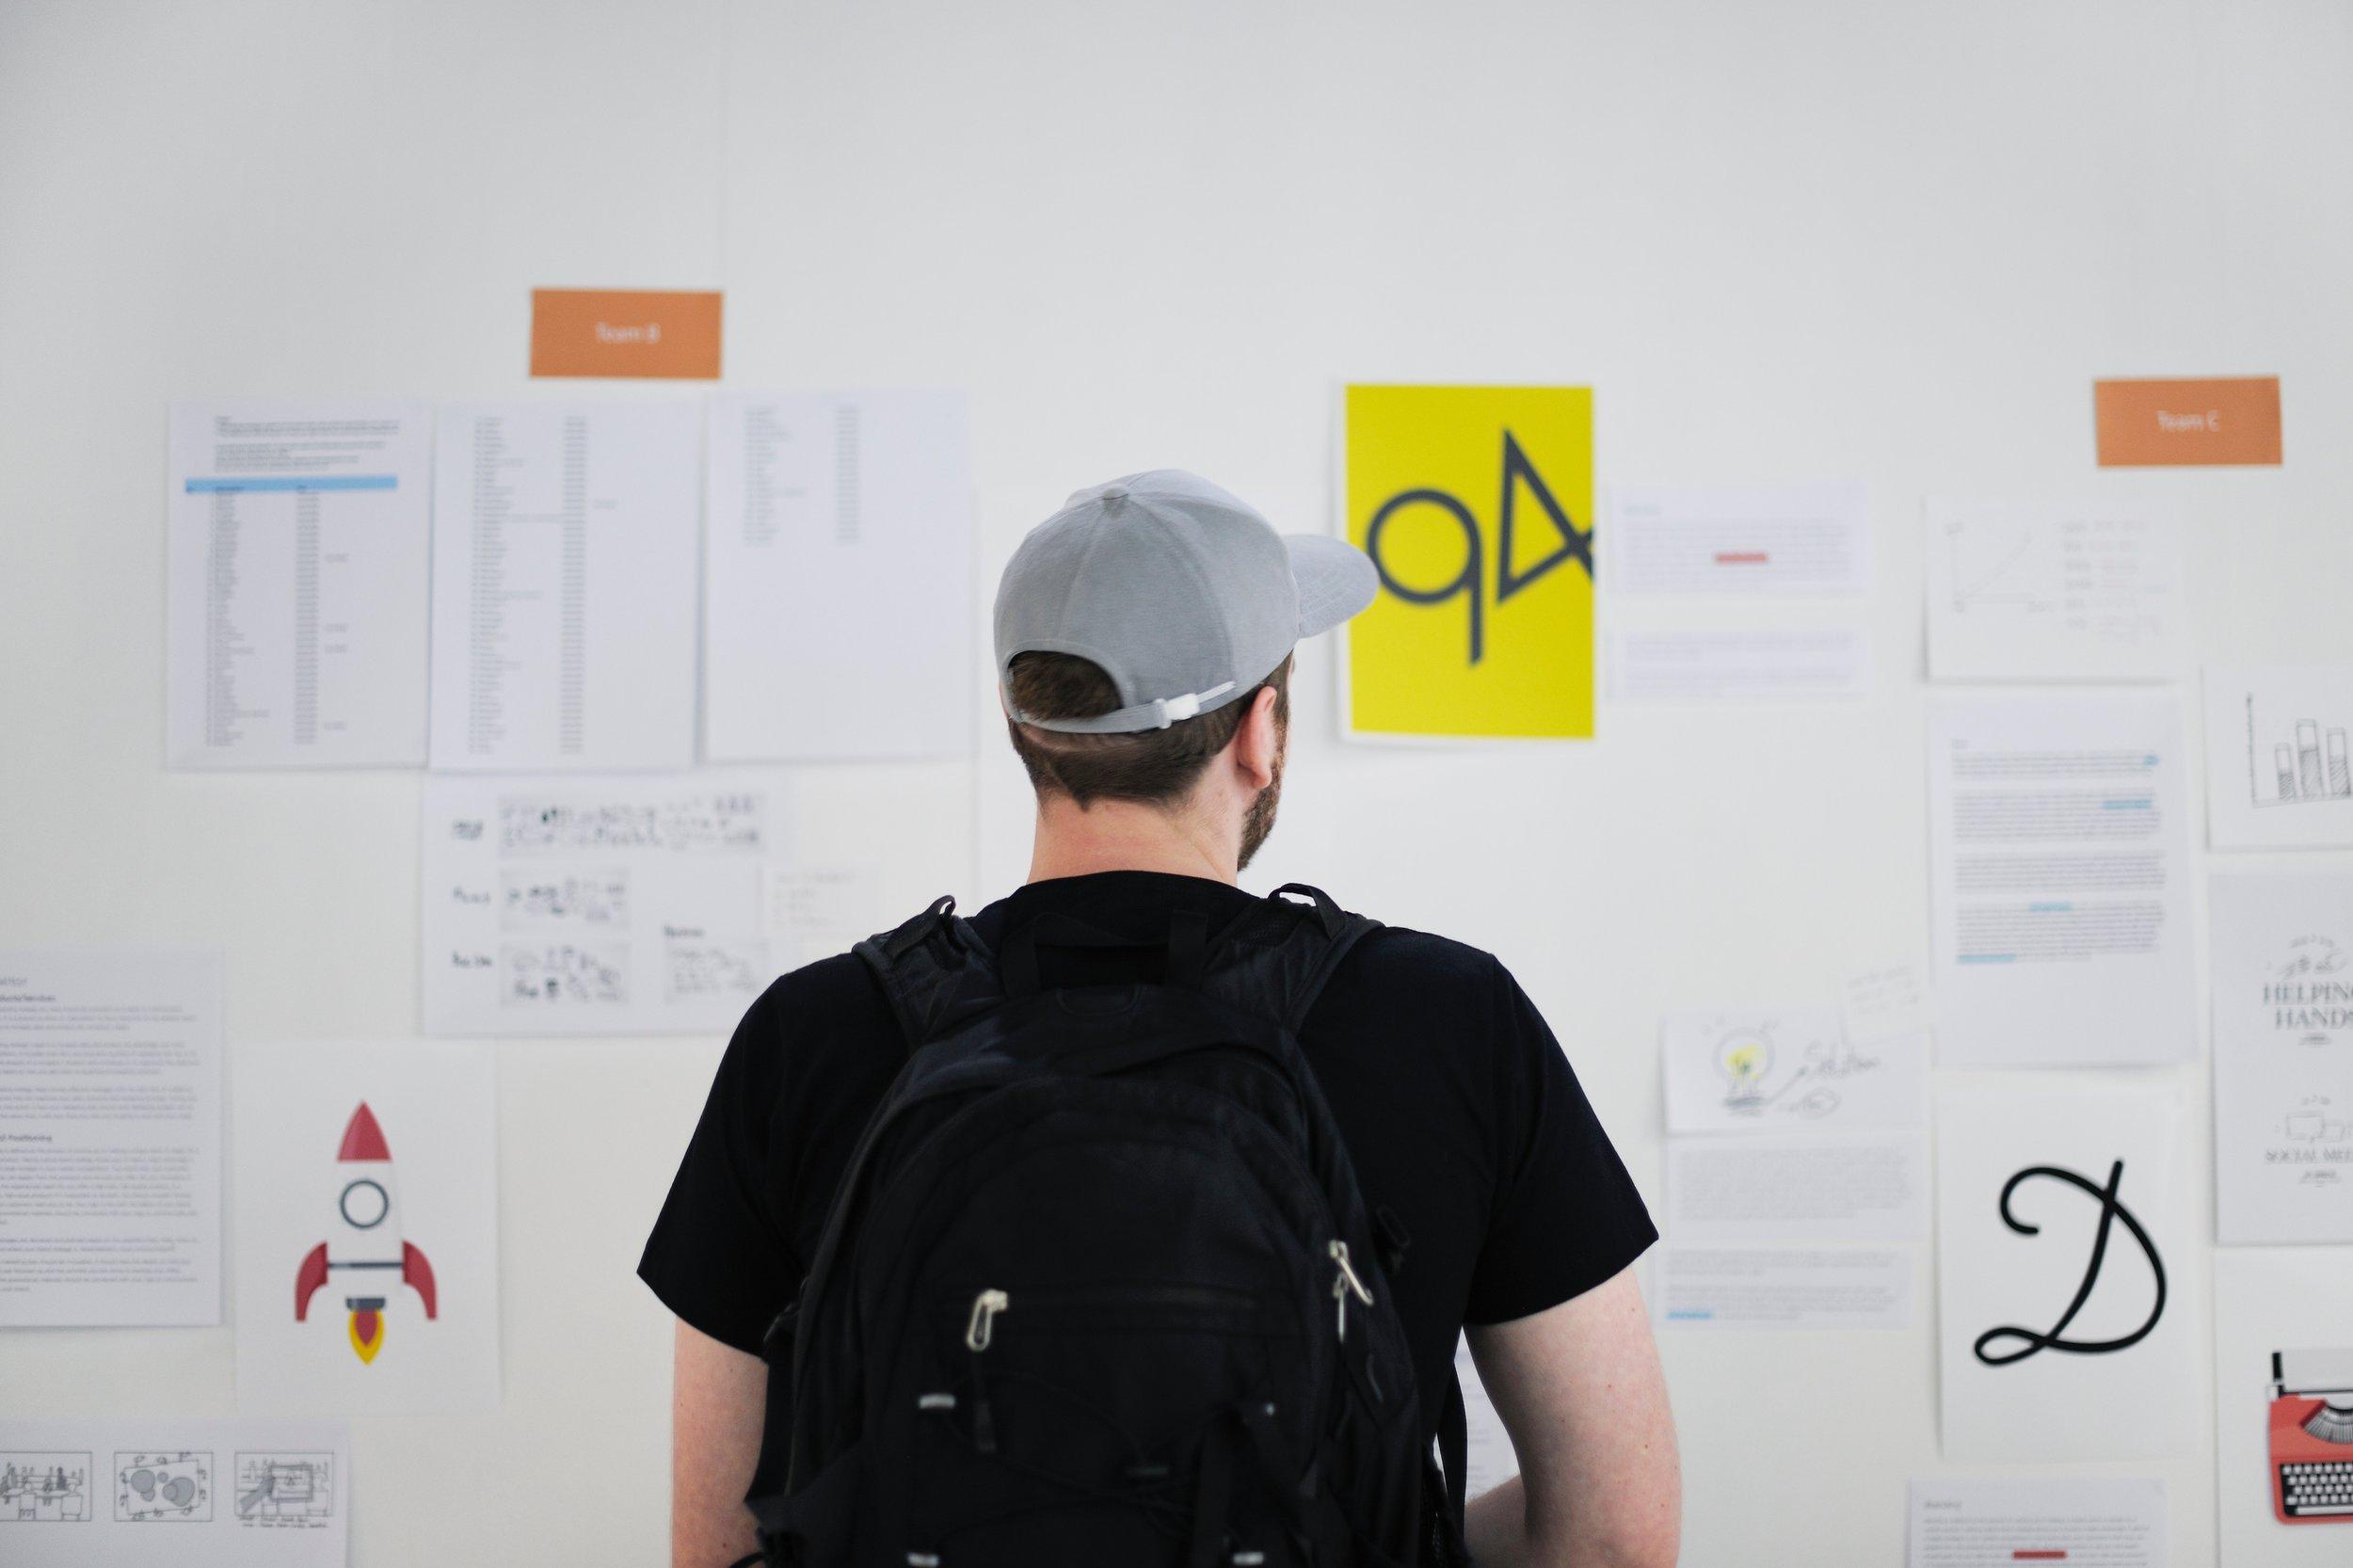 OPÇÃO DE COMPRA - A(o) Patrocinador(a) do Ecossistema terá direito de Opção de Compra* em futuras rodadas de investimento na startup ou empreendimento em condições mais favoráveis do que a do mercado, sobretudo devido ao processo de real-time diligence.Acompanhando em tempo real o desenvolvimento da startup patrocinada através de um Dashboard exclusivo, fica mais fácil para o Sponsor identificar o melhor momento e o melhor deal de investimento institucional antes de qualquer outro player do mercado.* Há exceções negociadas caso a caso.